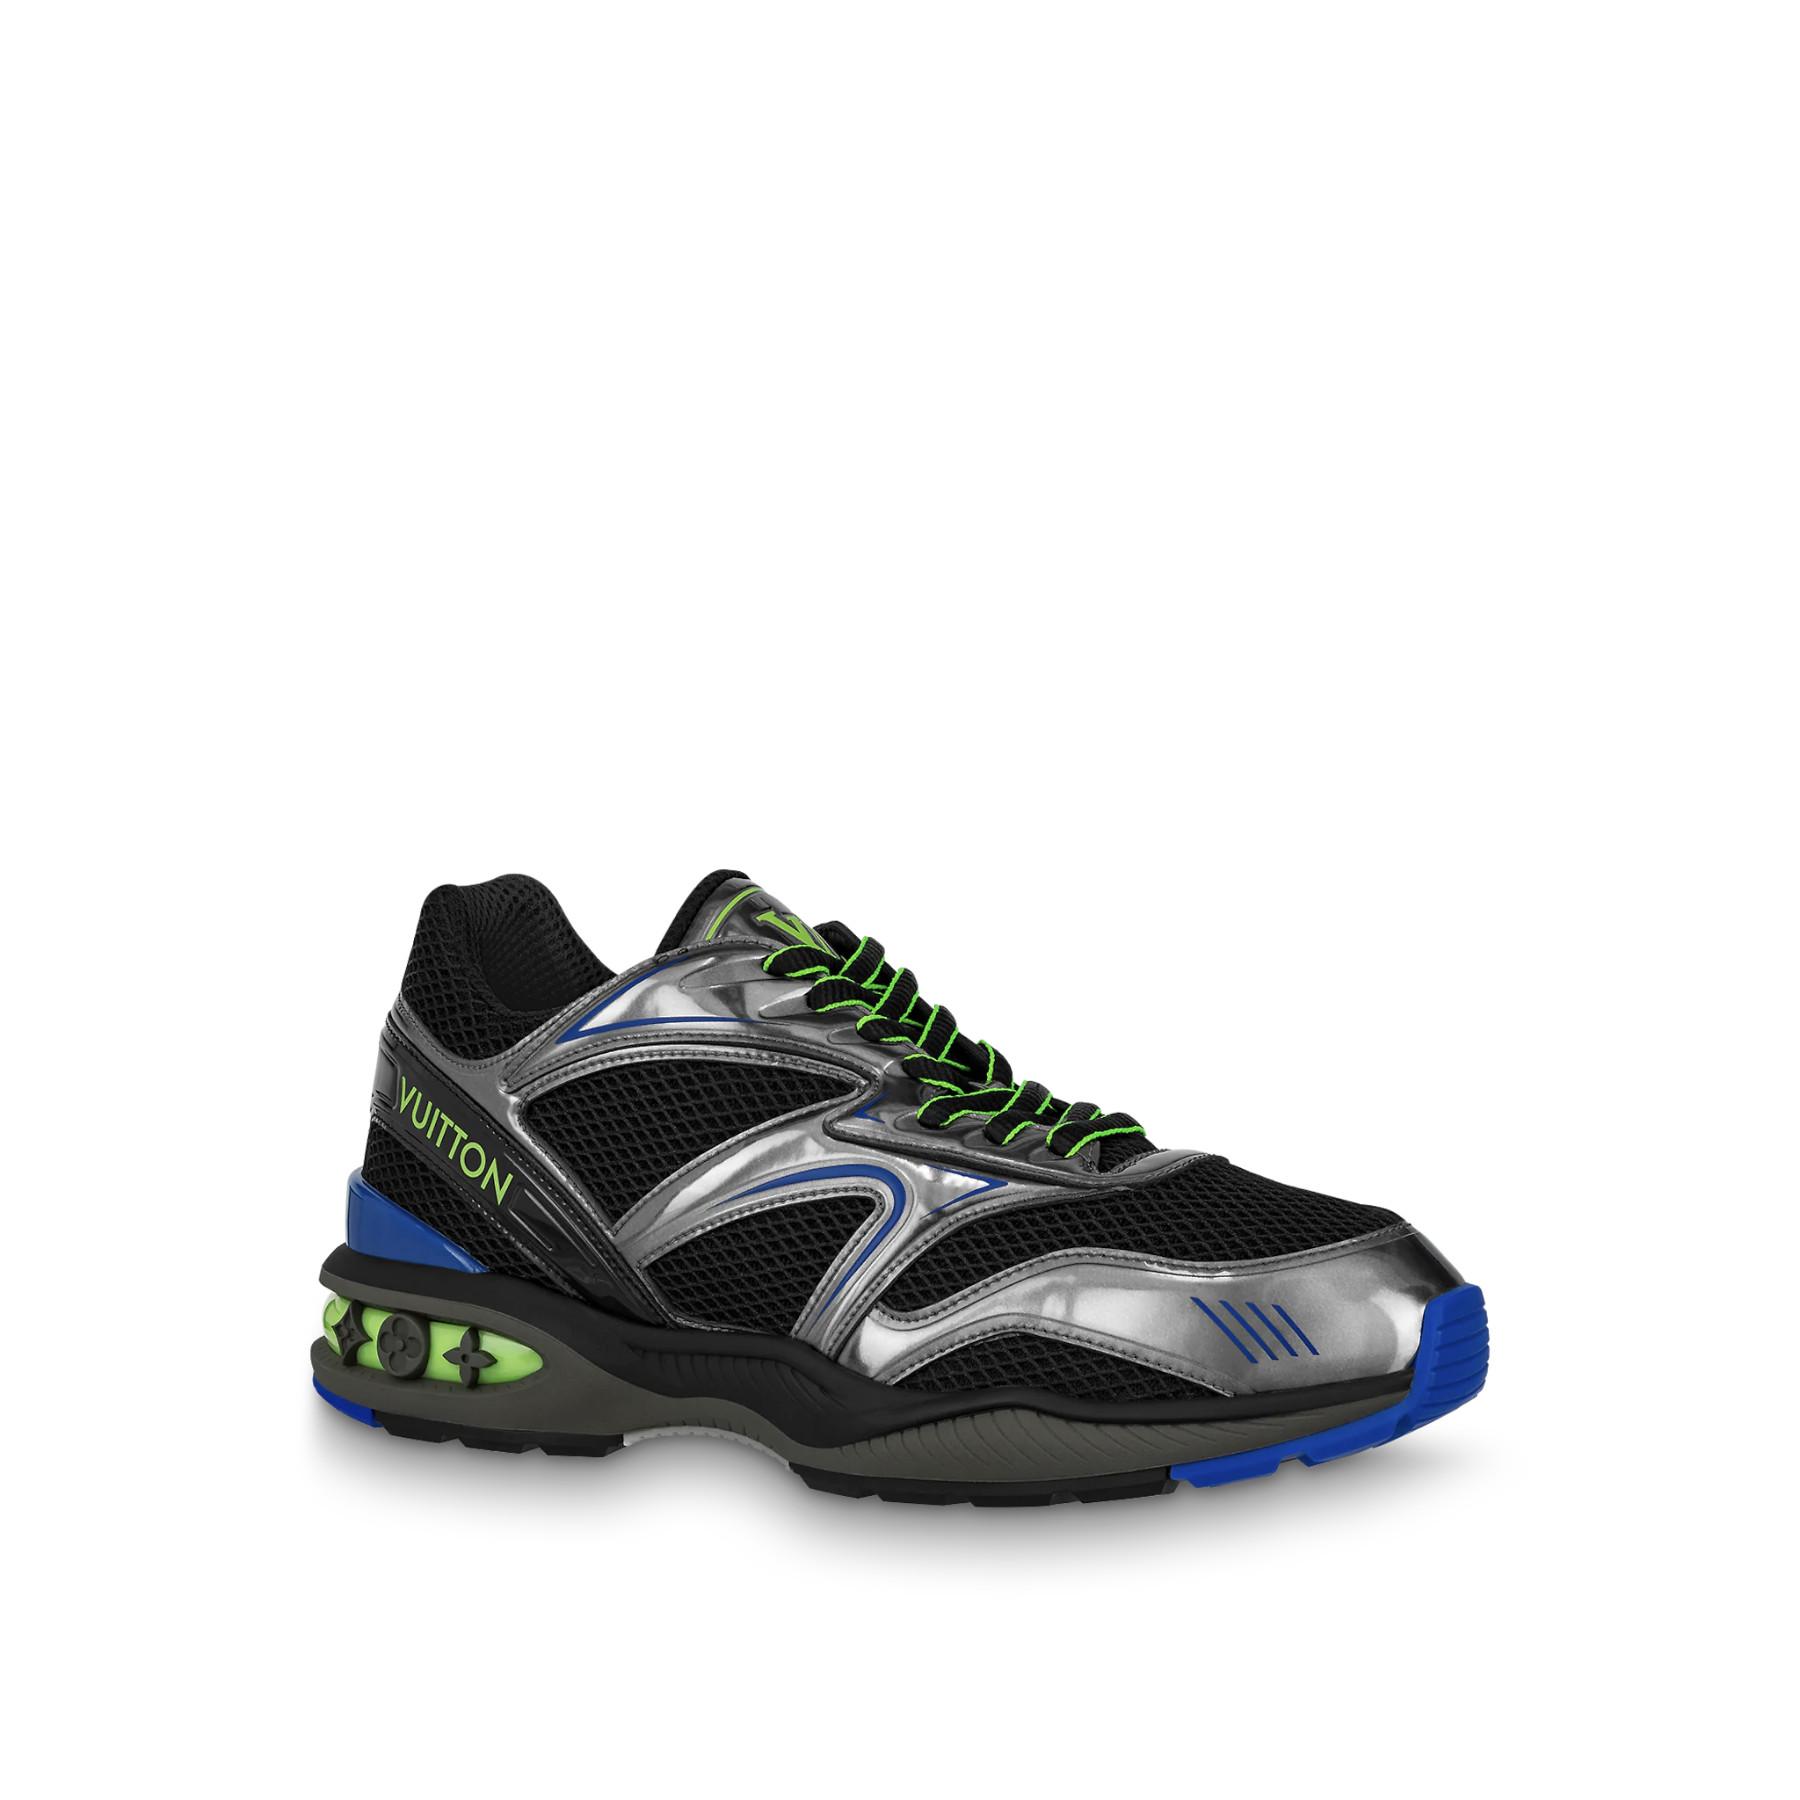 Louis Vuitton LV trail sneaker